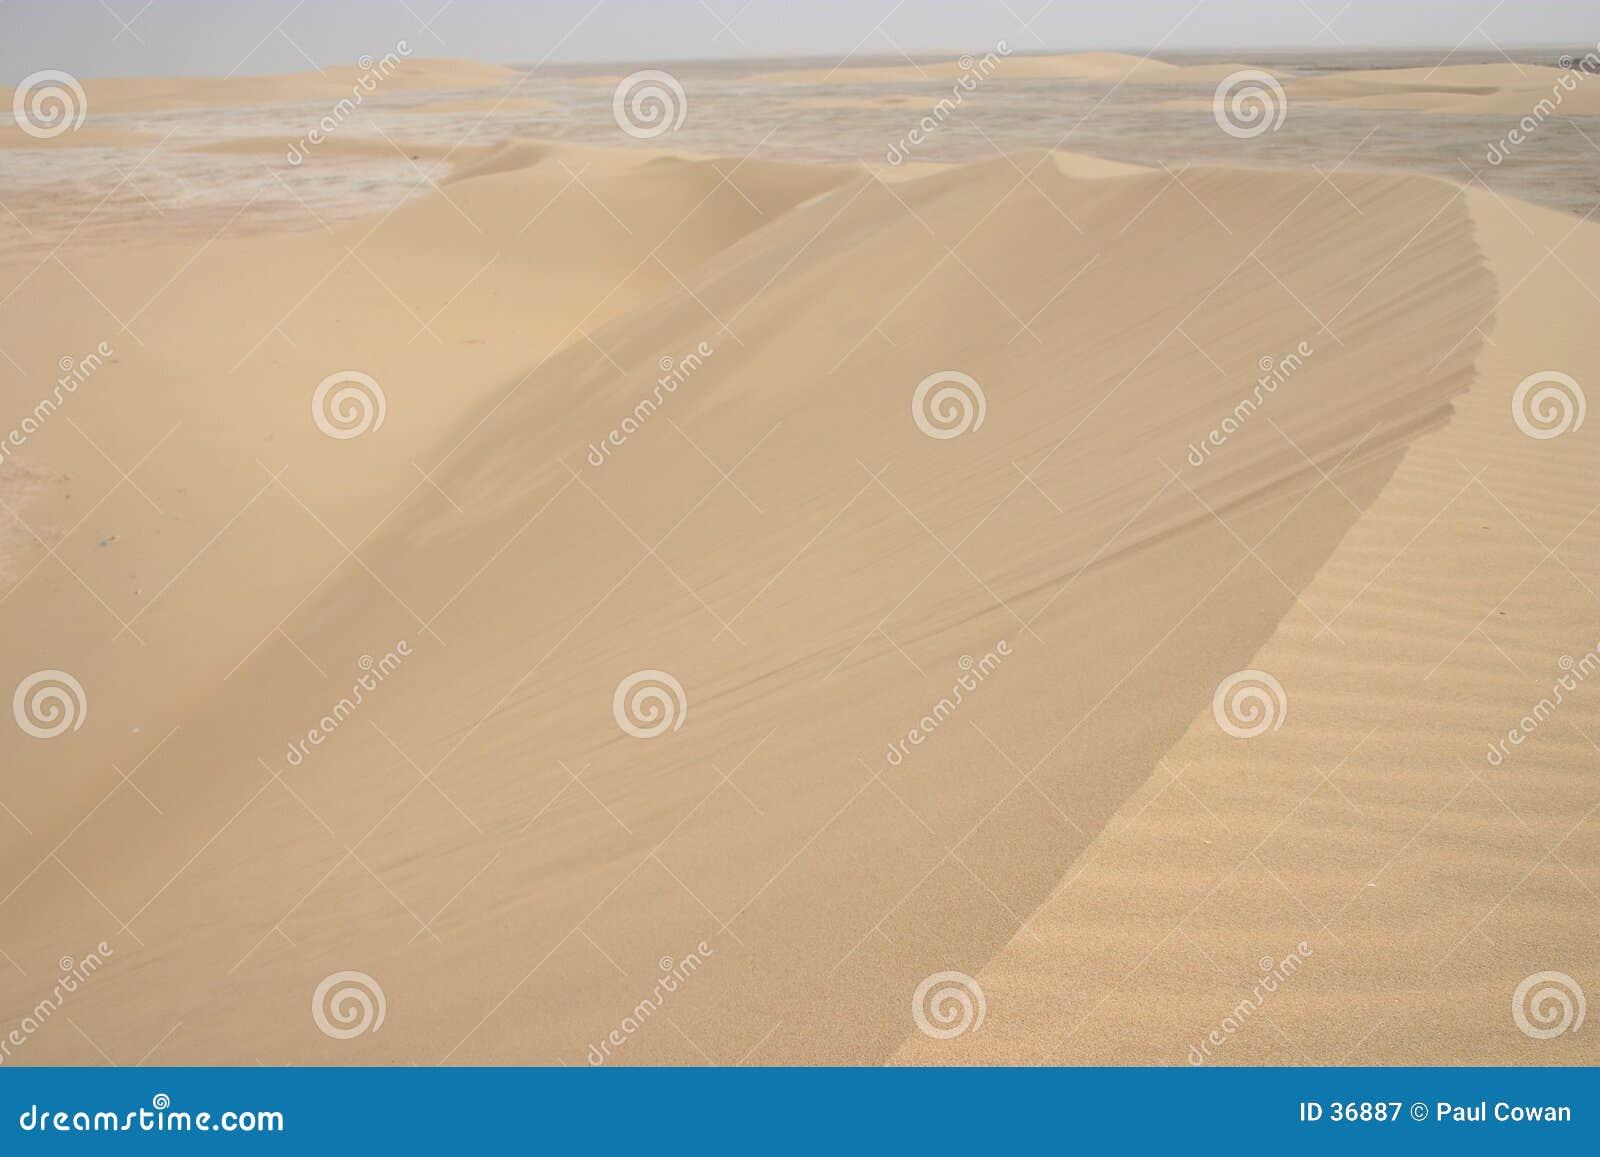 Arabischer Sandsturm